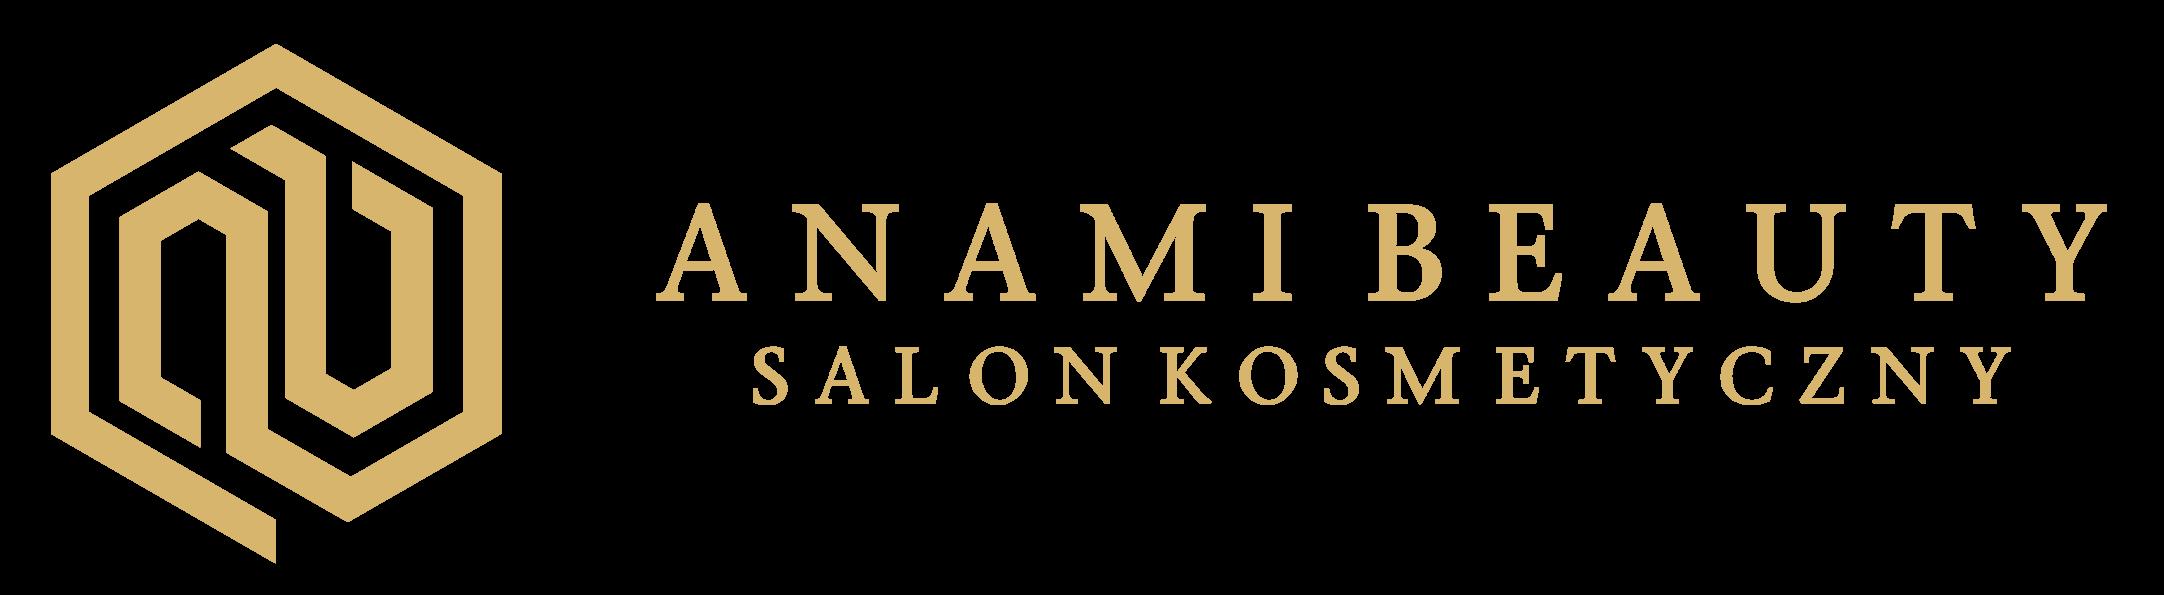 Anami Beauty Salon Kosmetyczny